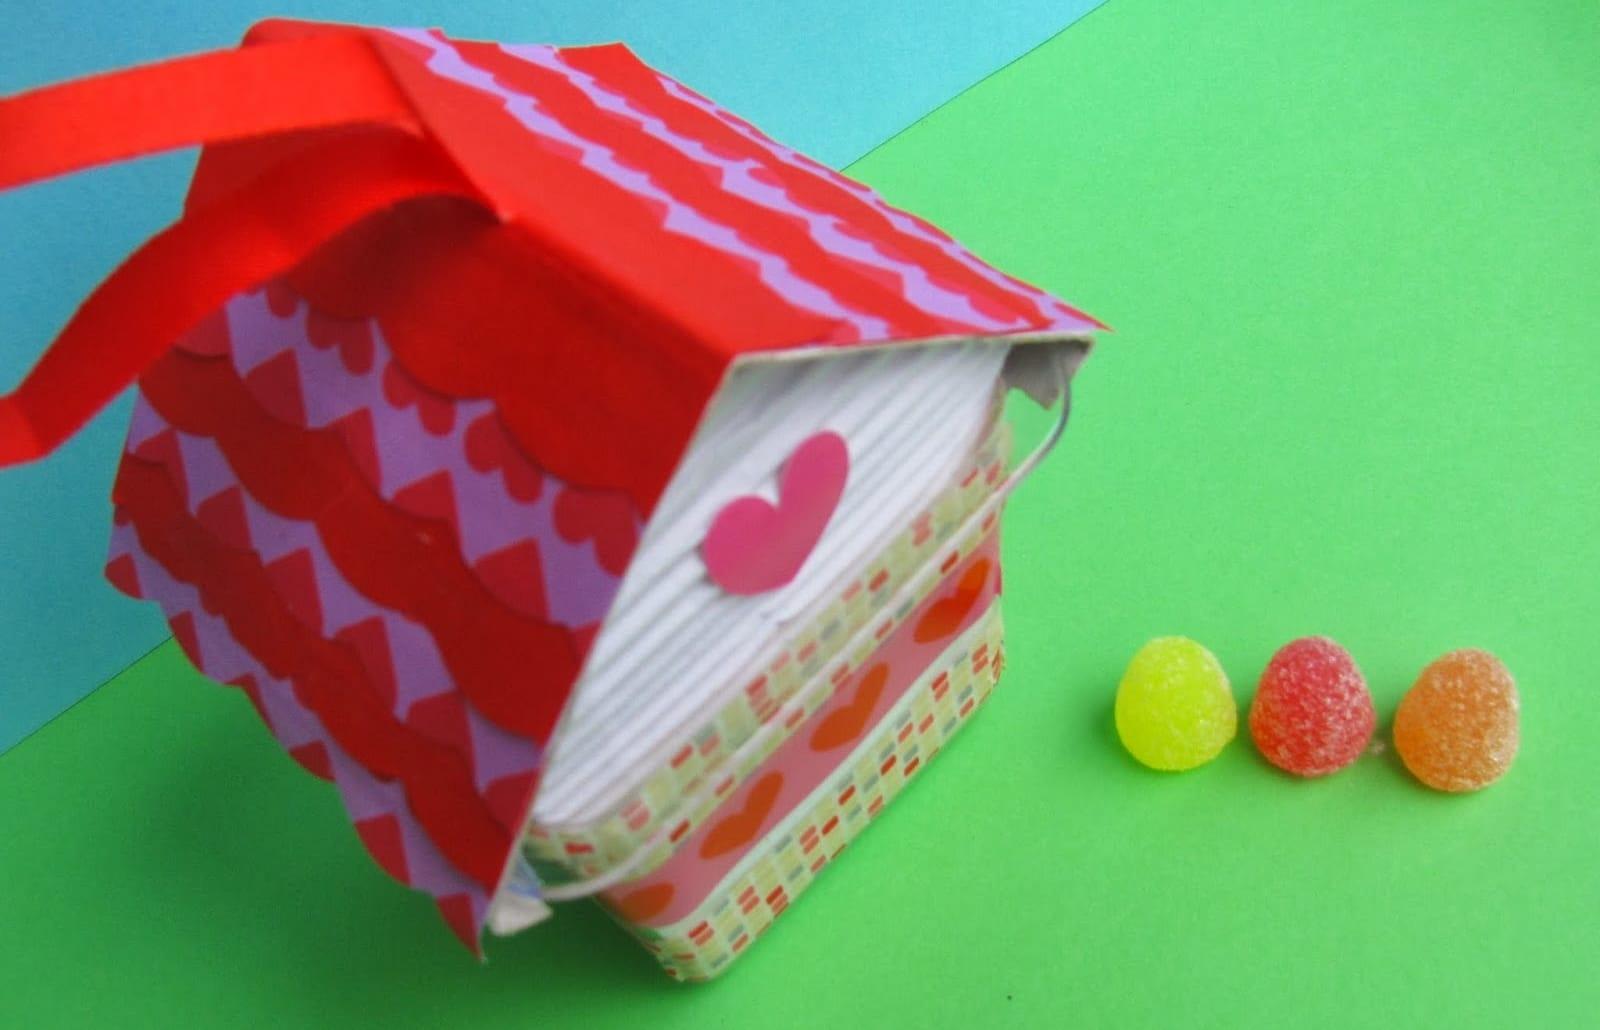 Riciclo creativo per bambini la casetta delle caramelle - Casette di cartone da costruire ...